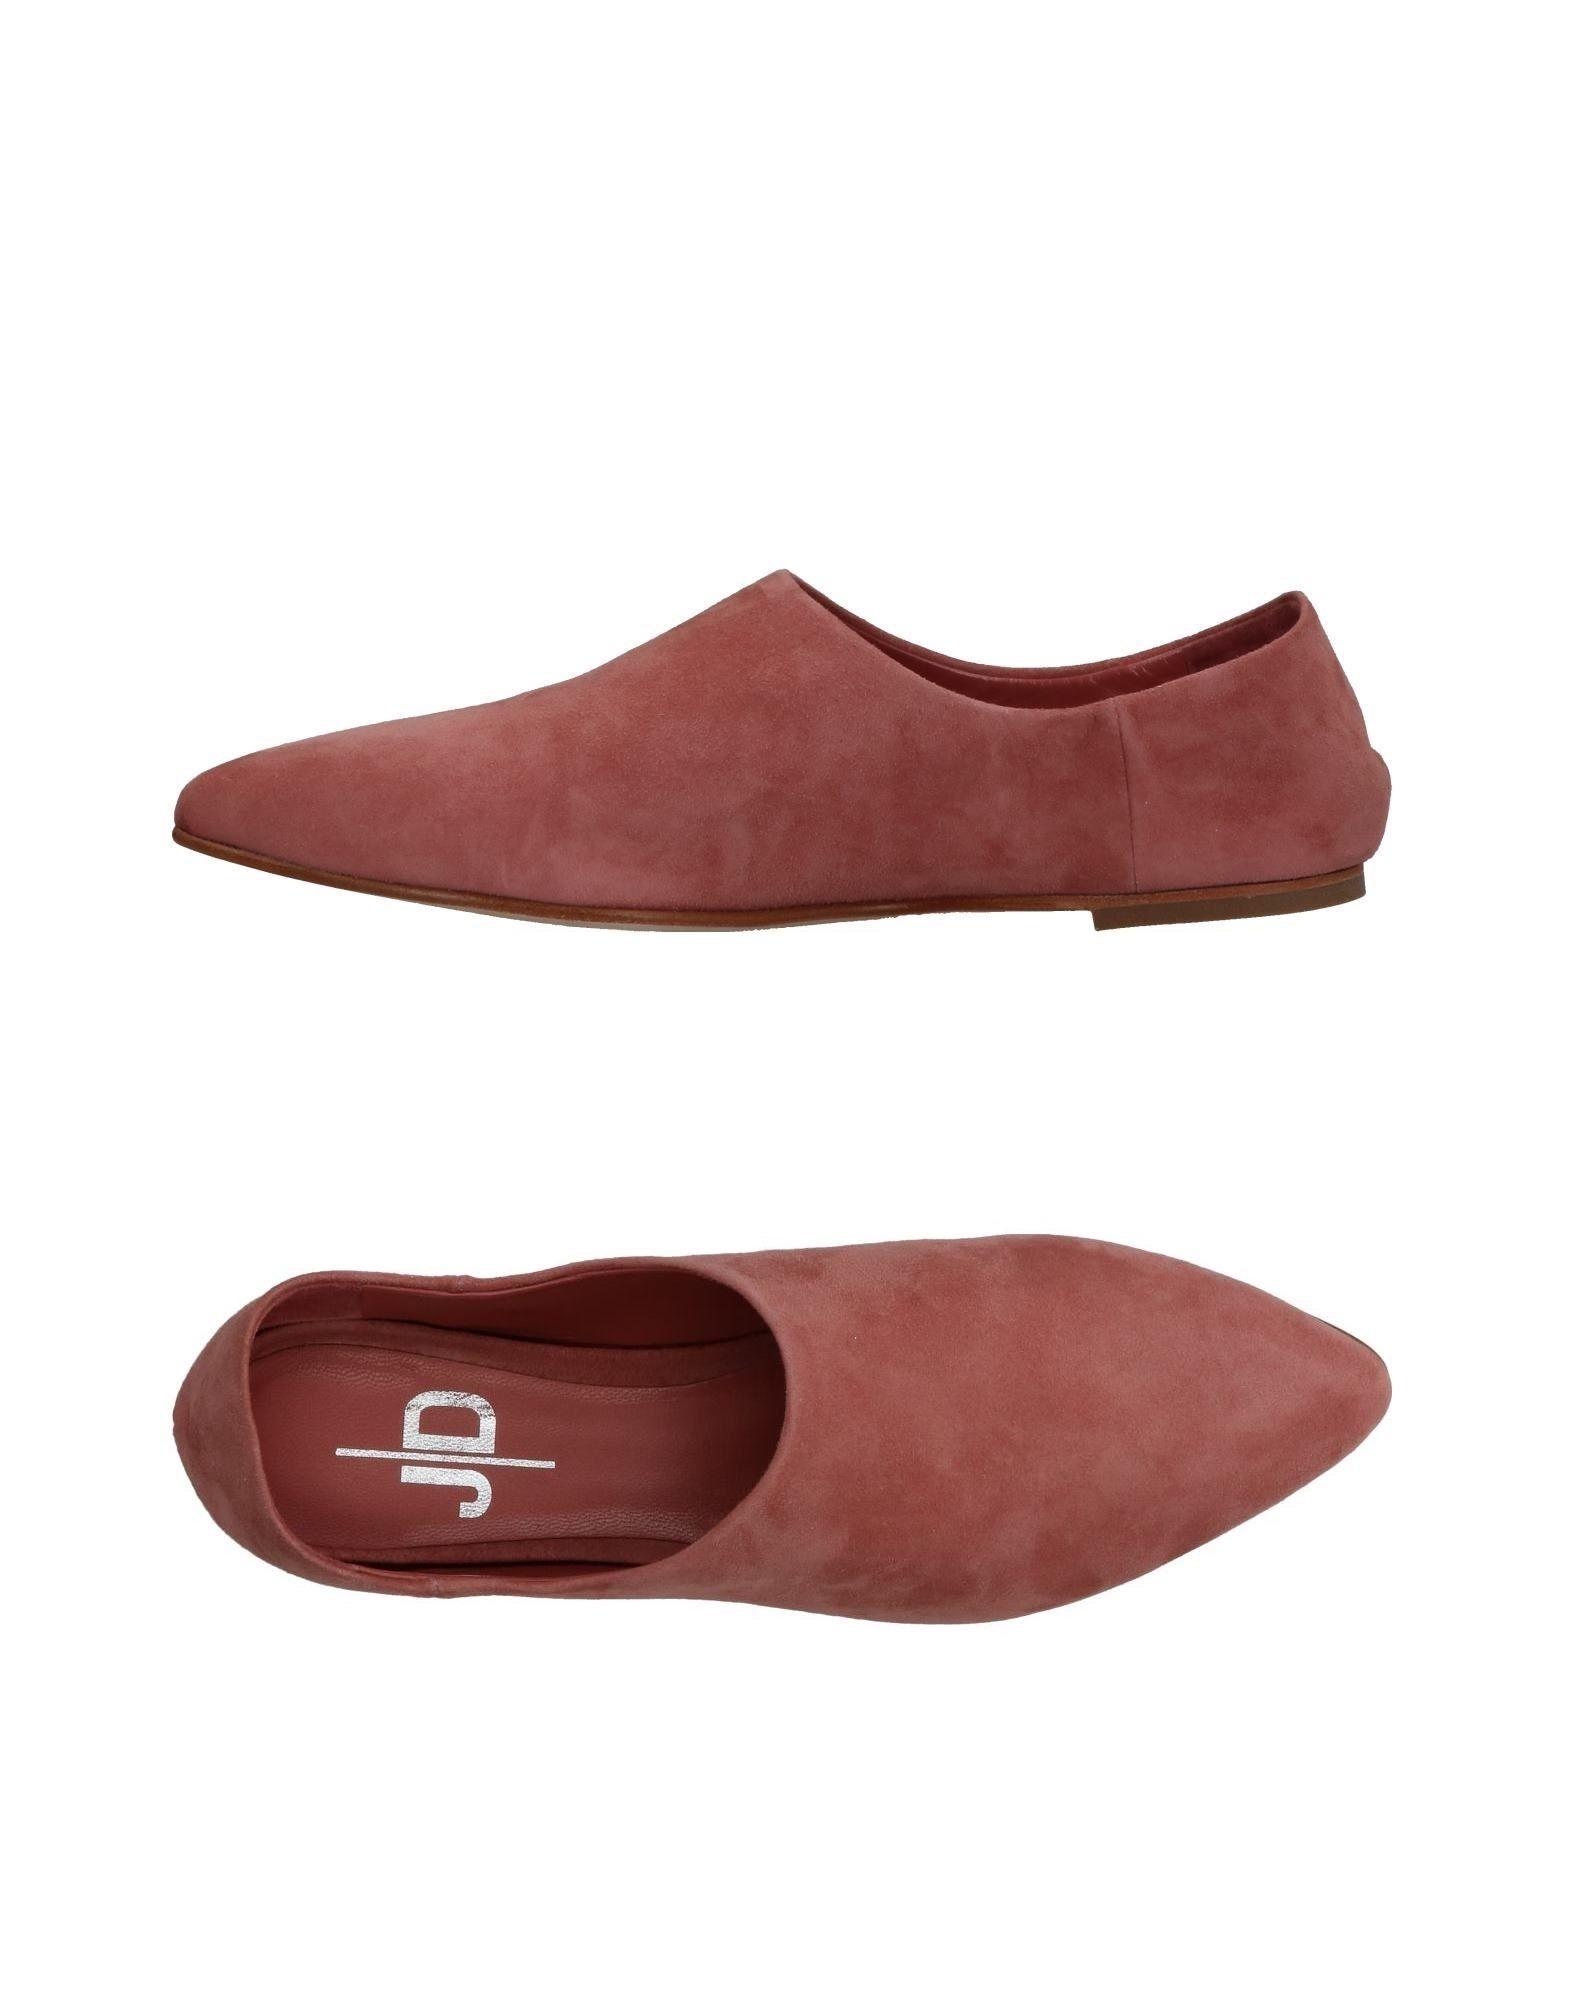 J|D Julie Dee Mokassins Damen  11355474MJ Gute Qualität beliebte Schuhe